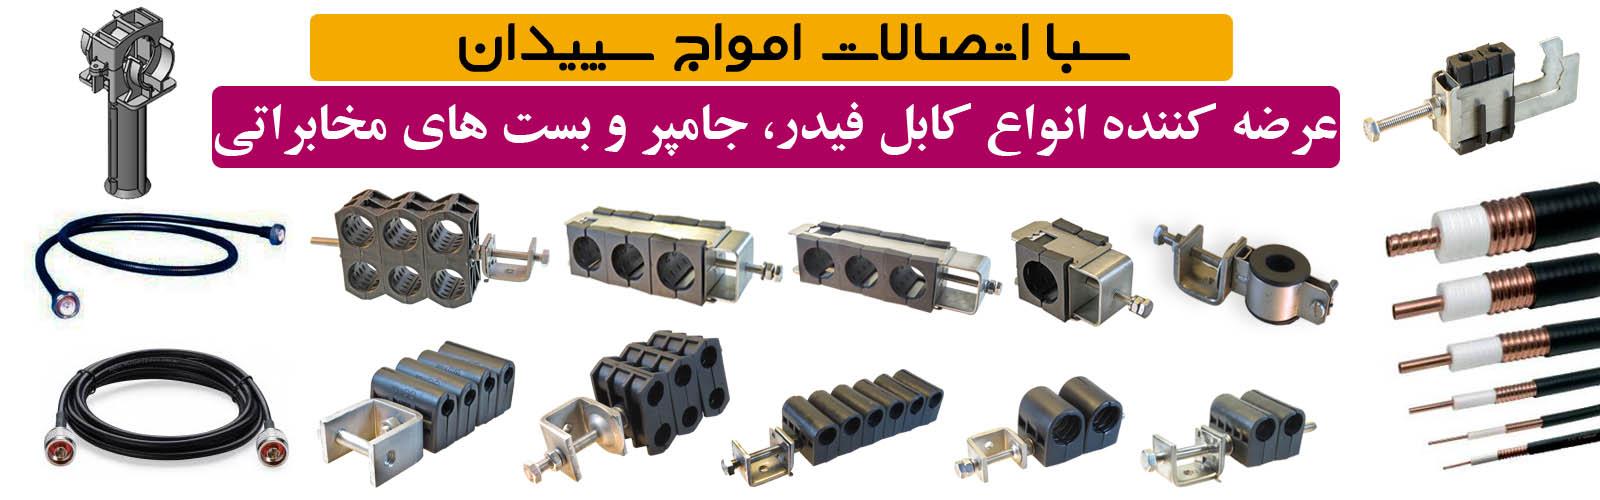 کابل فیدر،کابل کواکسیال،جامپرهای مخابراتی